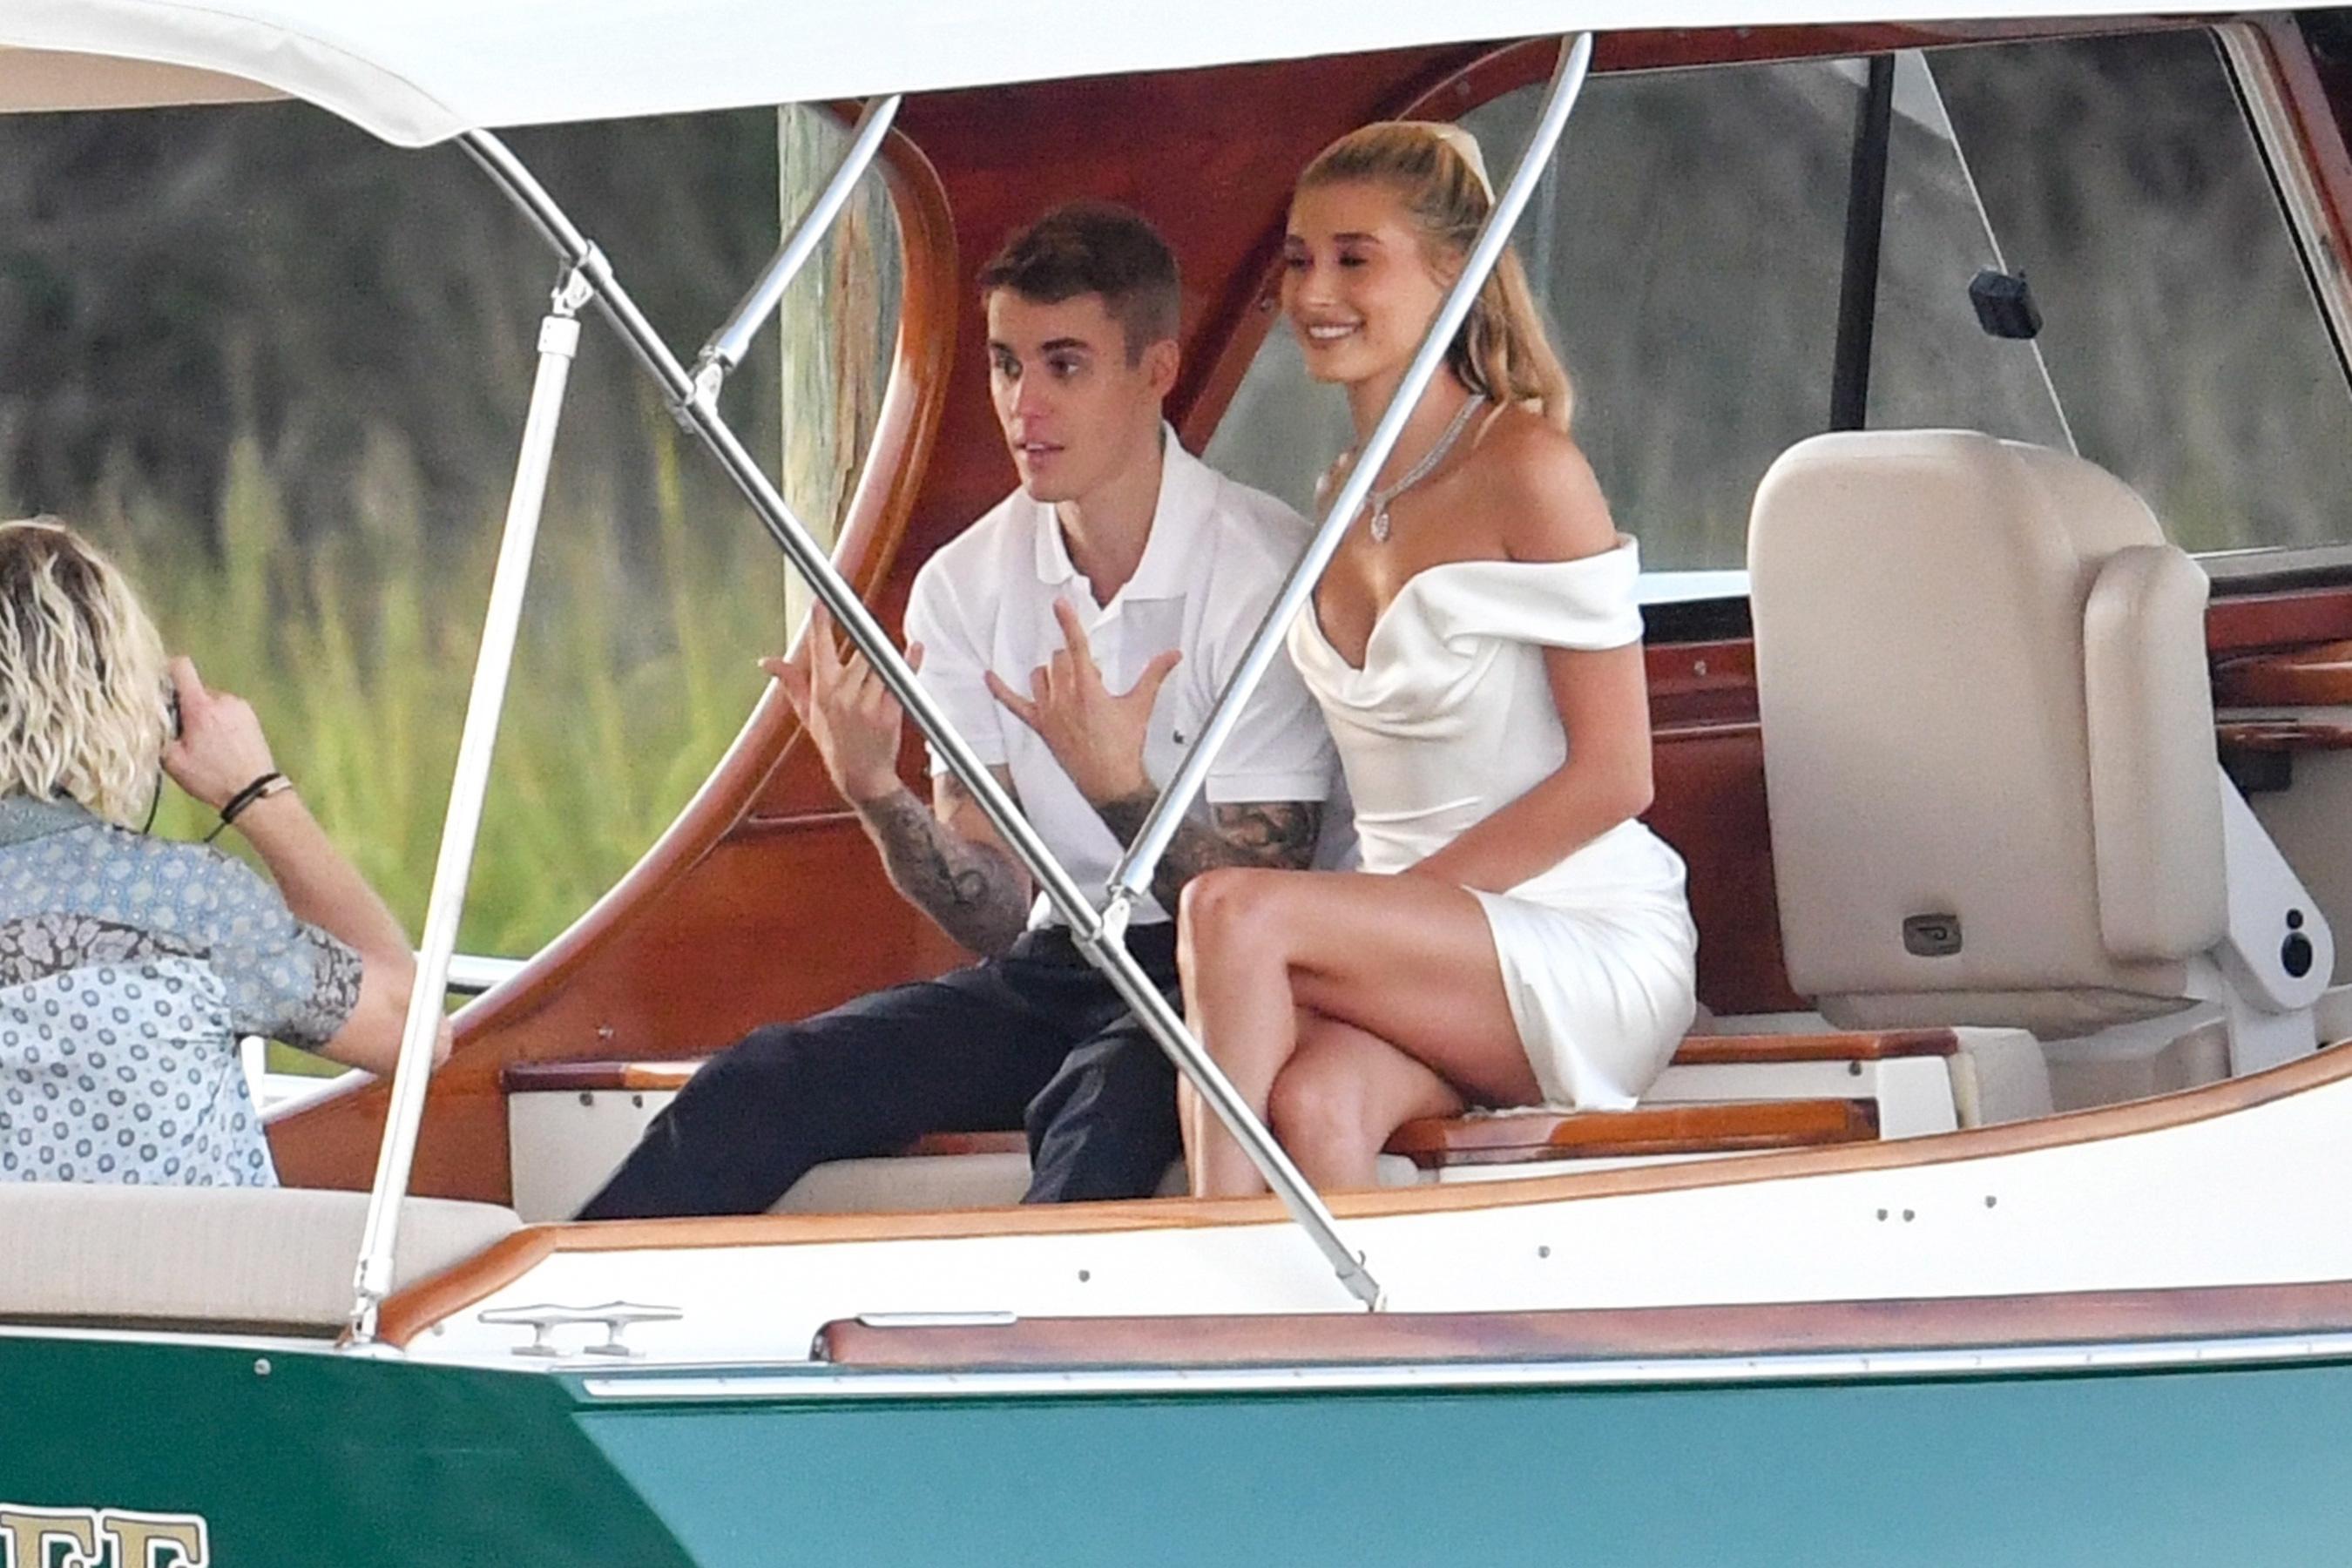 Hailey og Justin Bieber giftu sig í gær (aftur!)